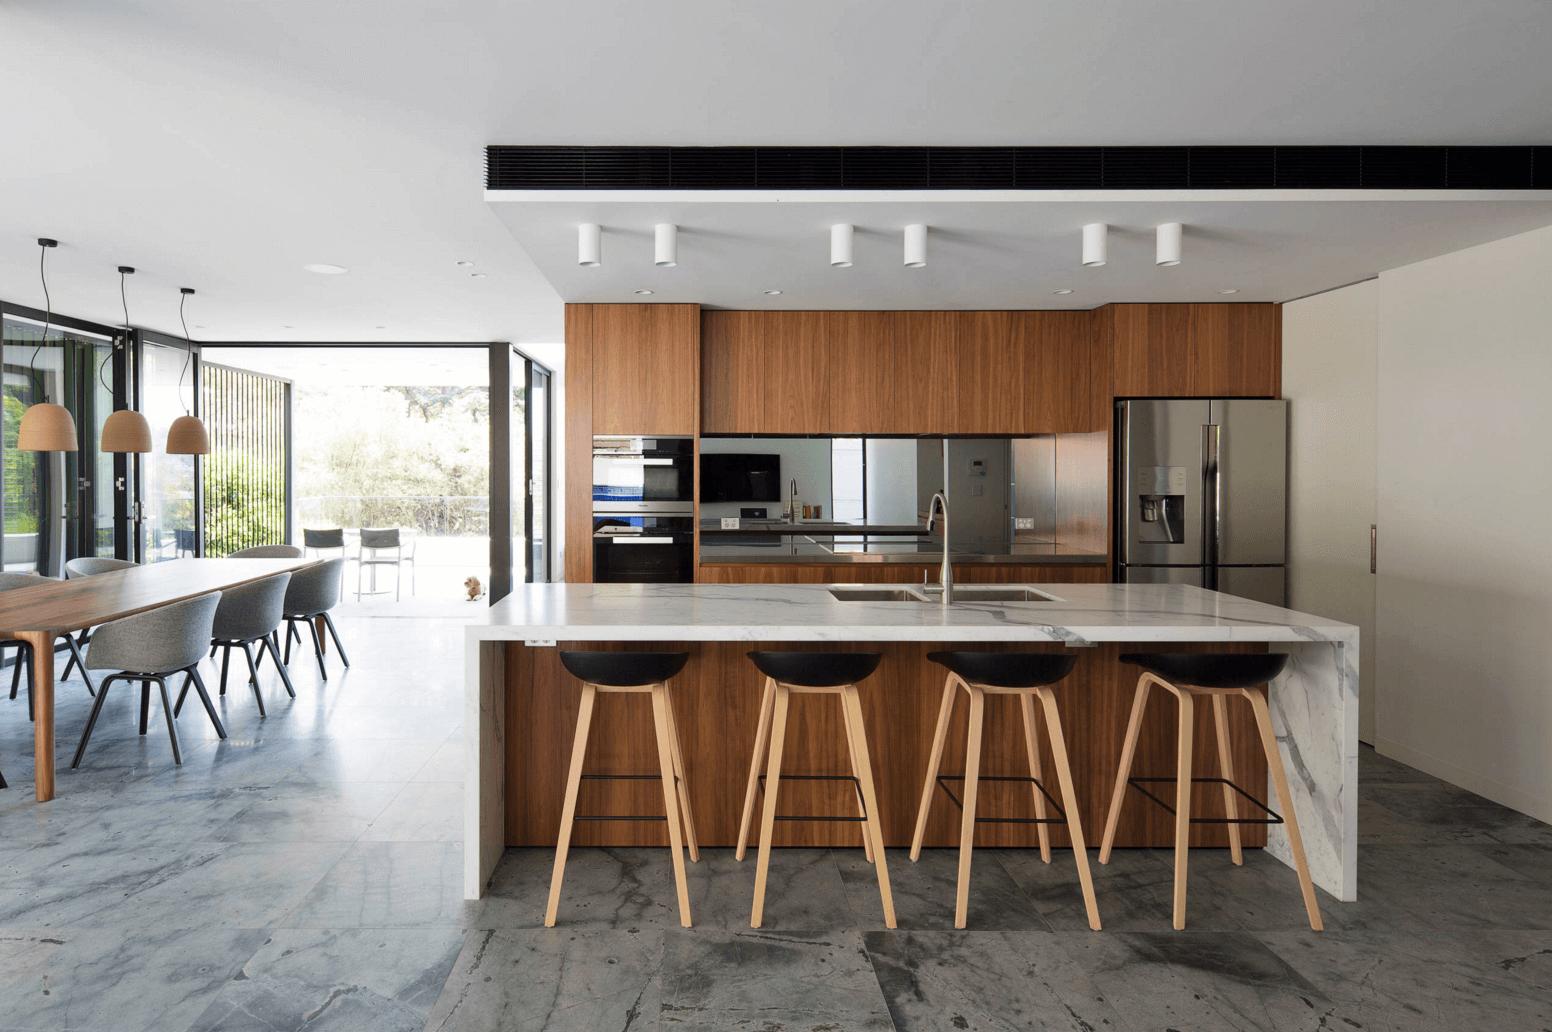 cocina blanca moderna muebles madera encimeras blancas ideas